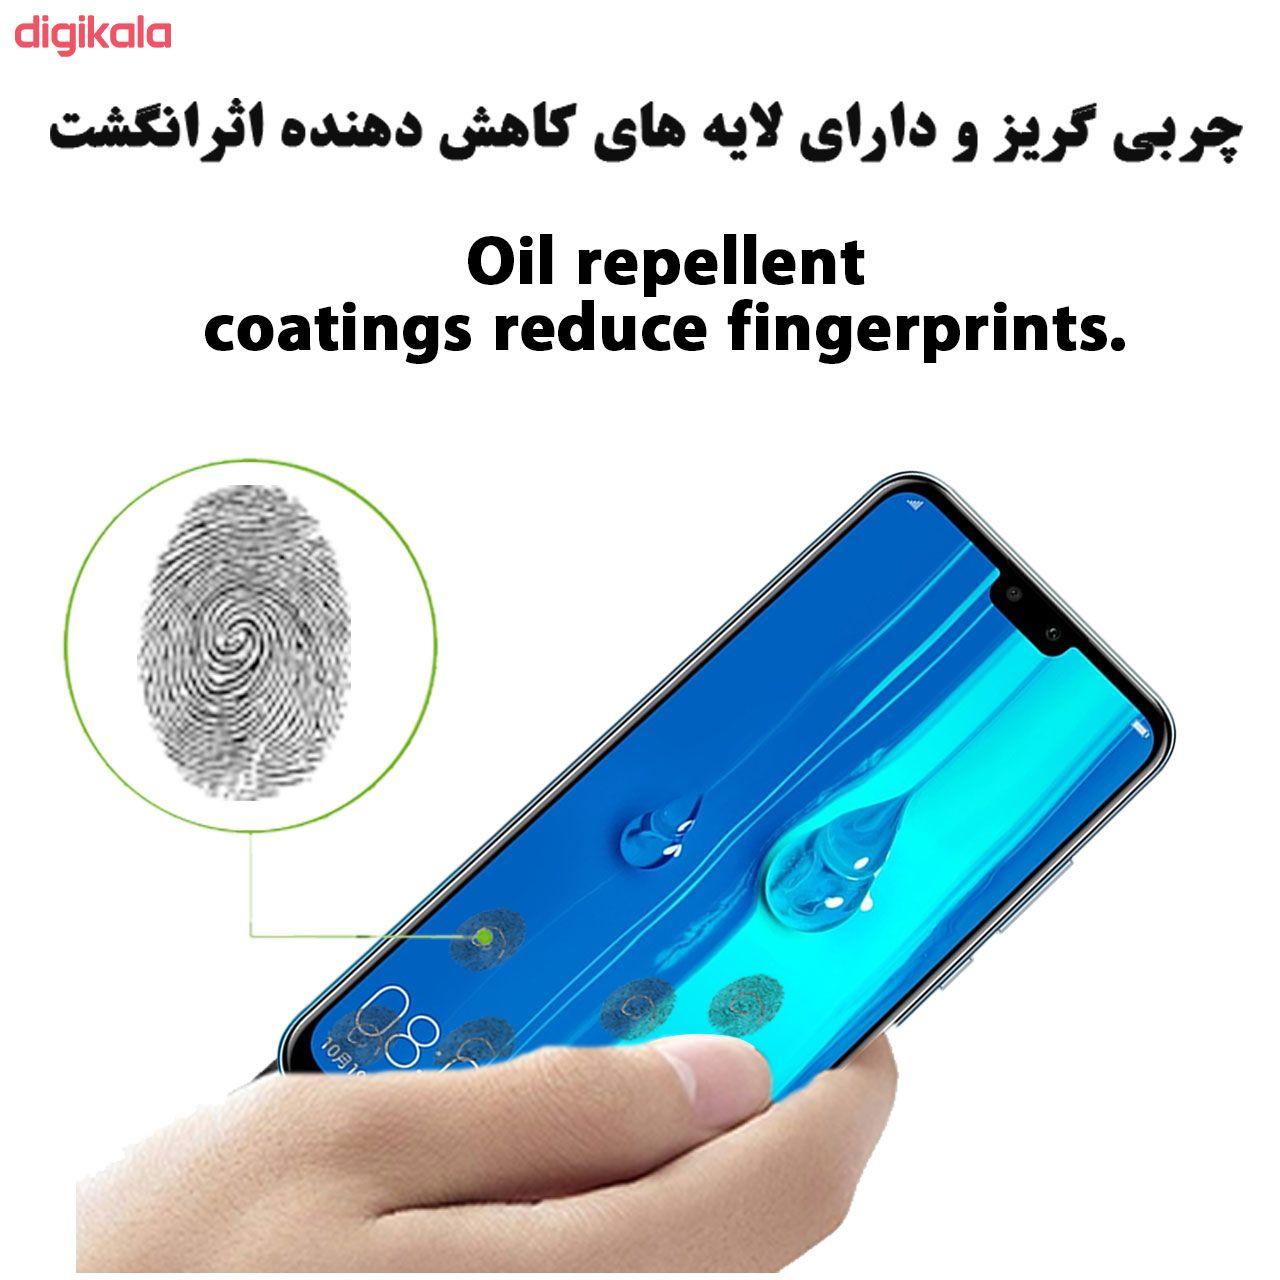 محافظ صفحه نمایش تراستکتور مدل GSS مناسب برای گوشی موبایل هوآوی Y9 2019 main 1 5